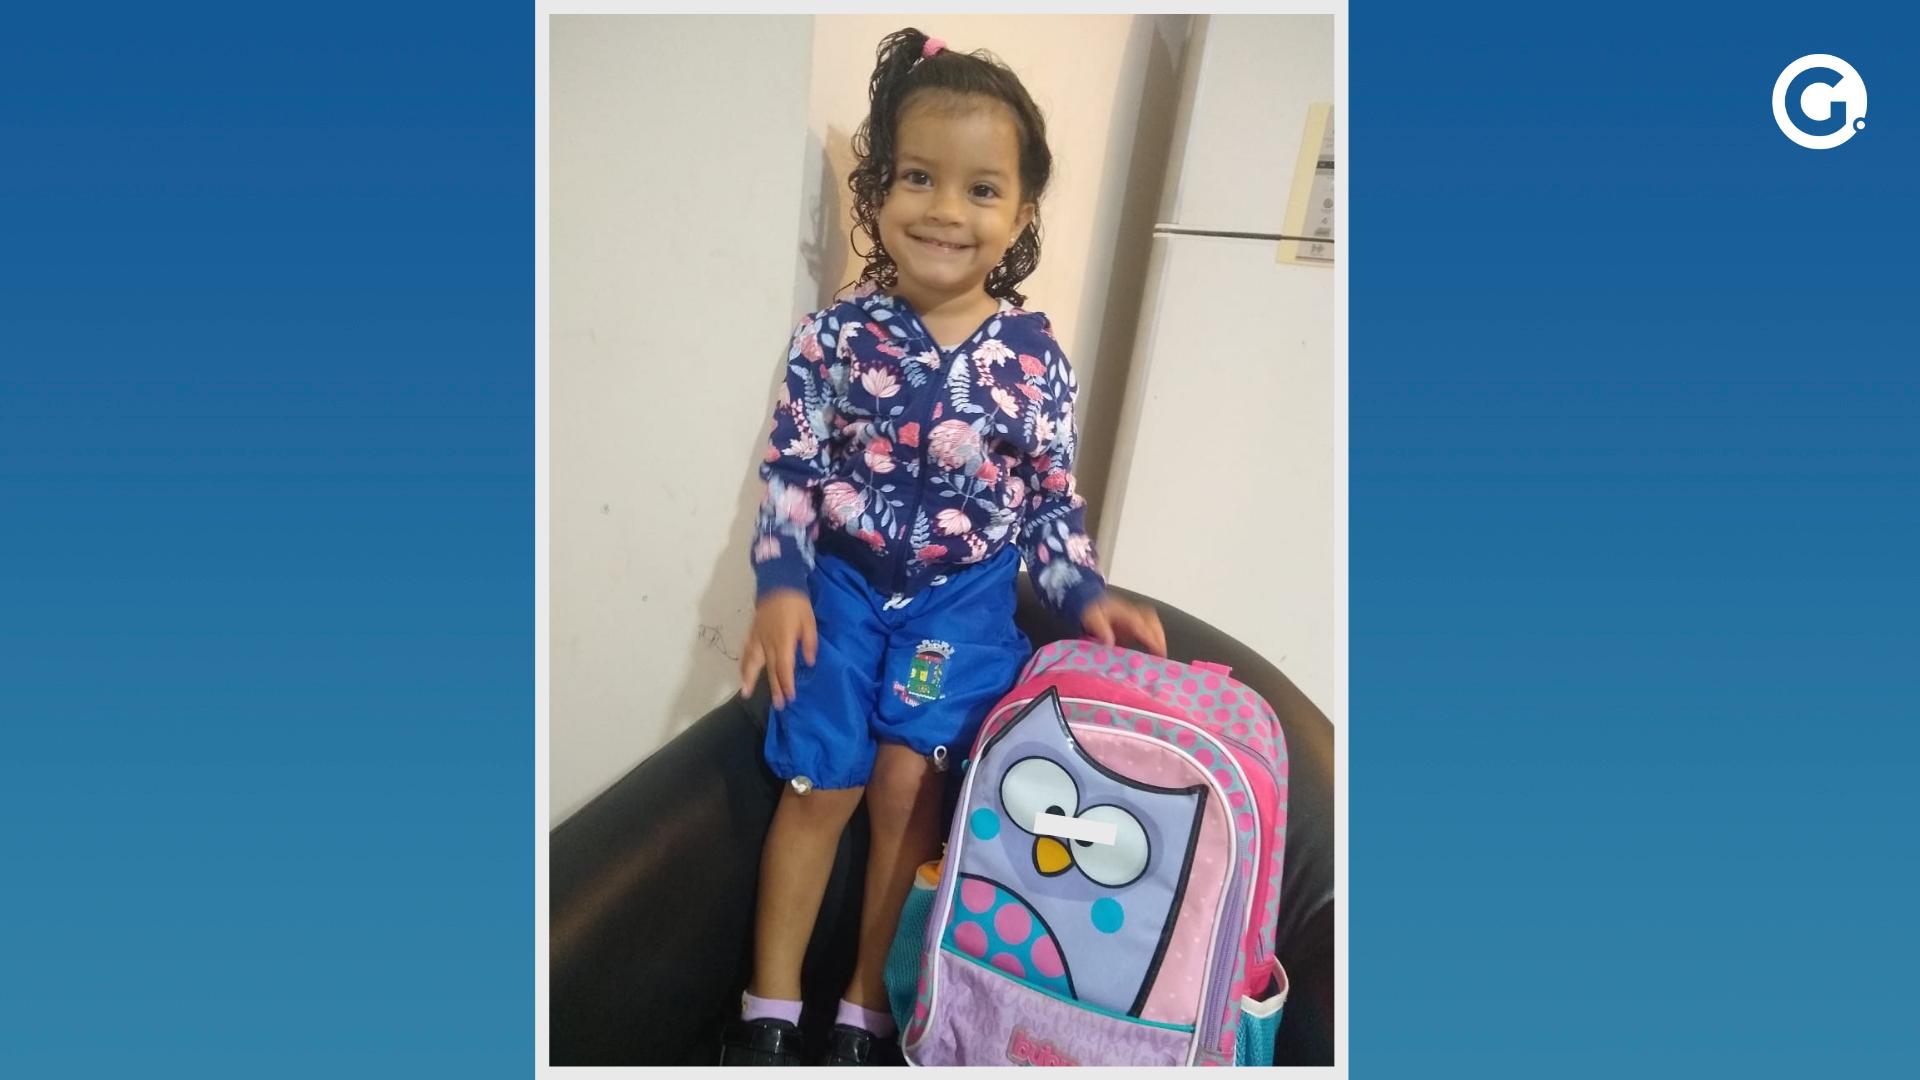 Elena Vieira Fantin, de 2 anos, atropelada em Linhares, Norte do Espírito Santo. Crédito: Arquivo pessoal / Montagem A Gazeta